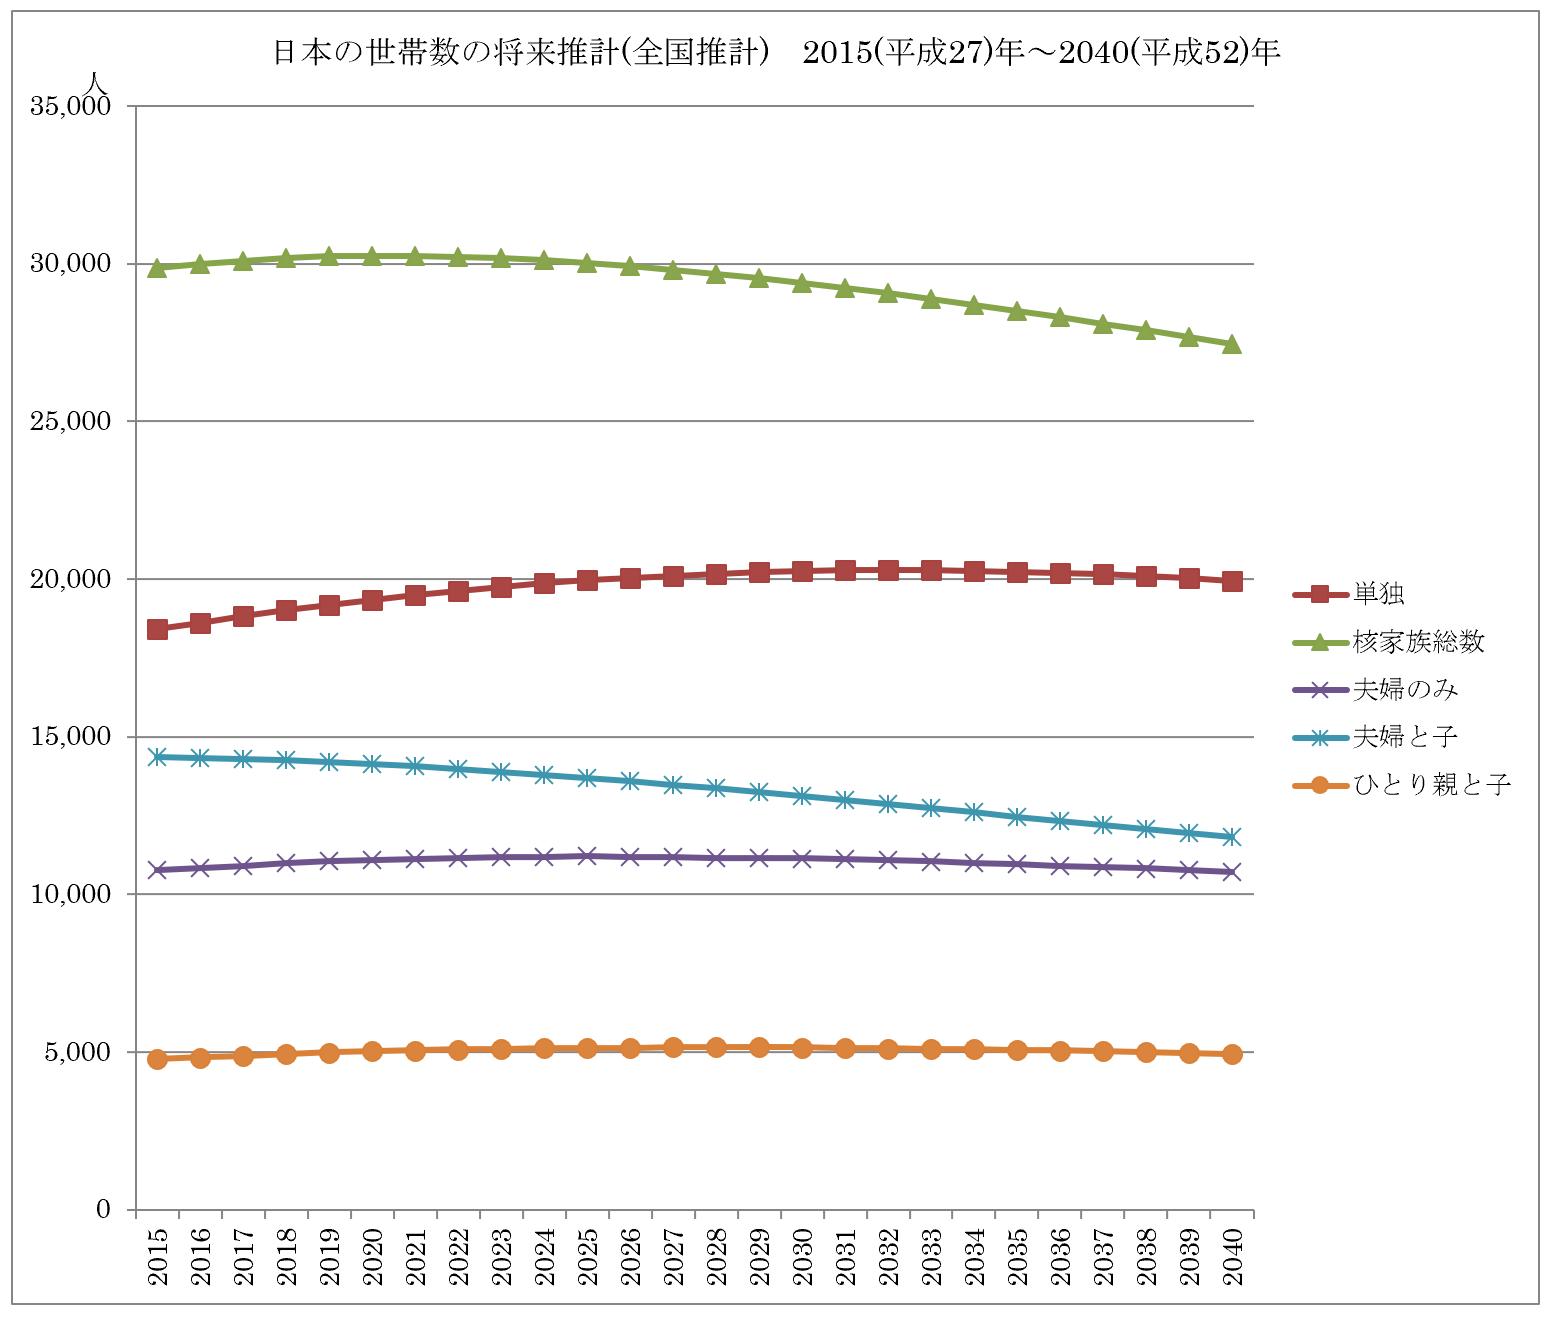 日本の世帯数の将来推計(全国推計)